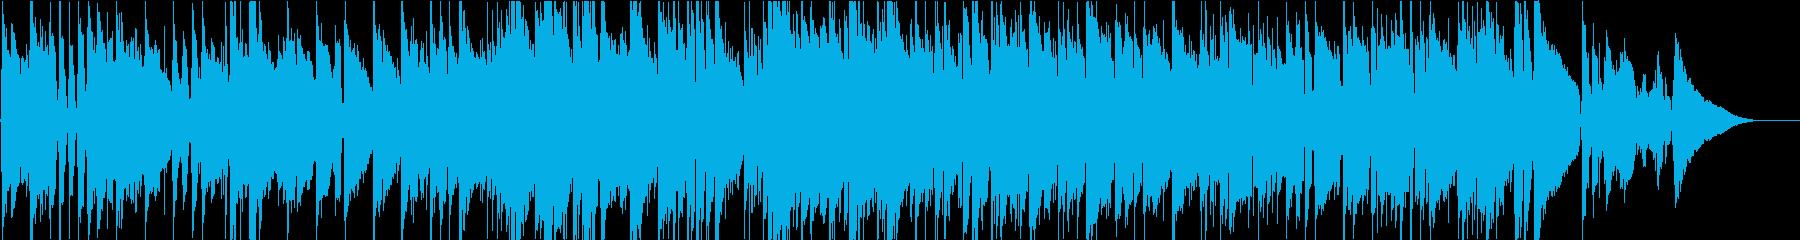 山田耕筰作曲の少しジャジーな赤とんぼの再生済みの波形